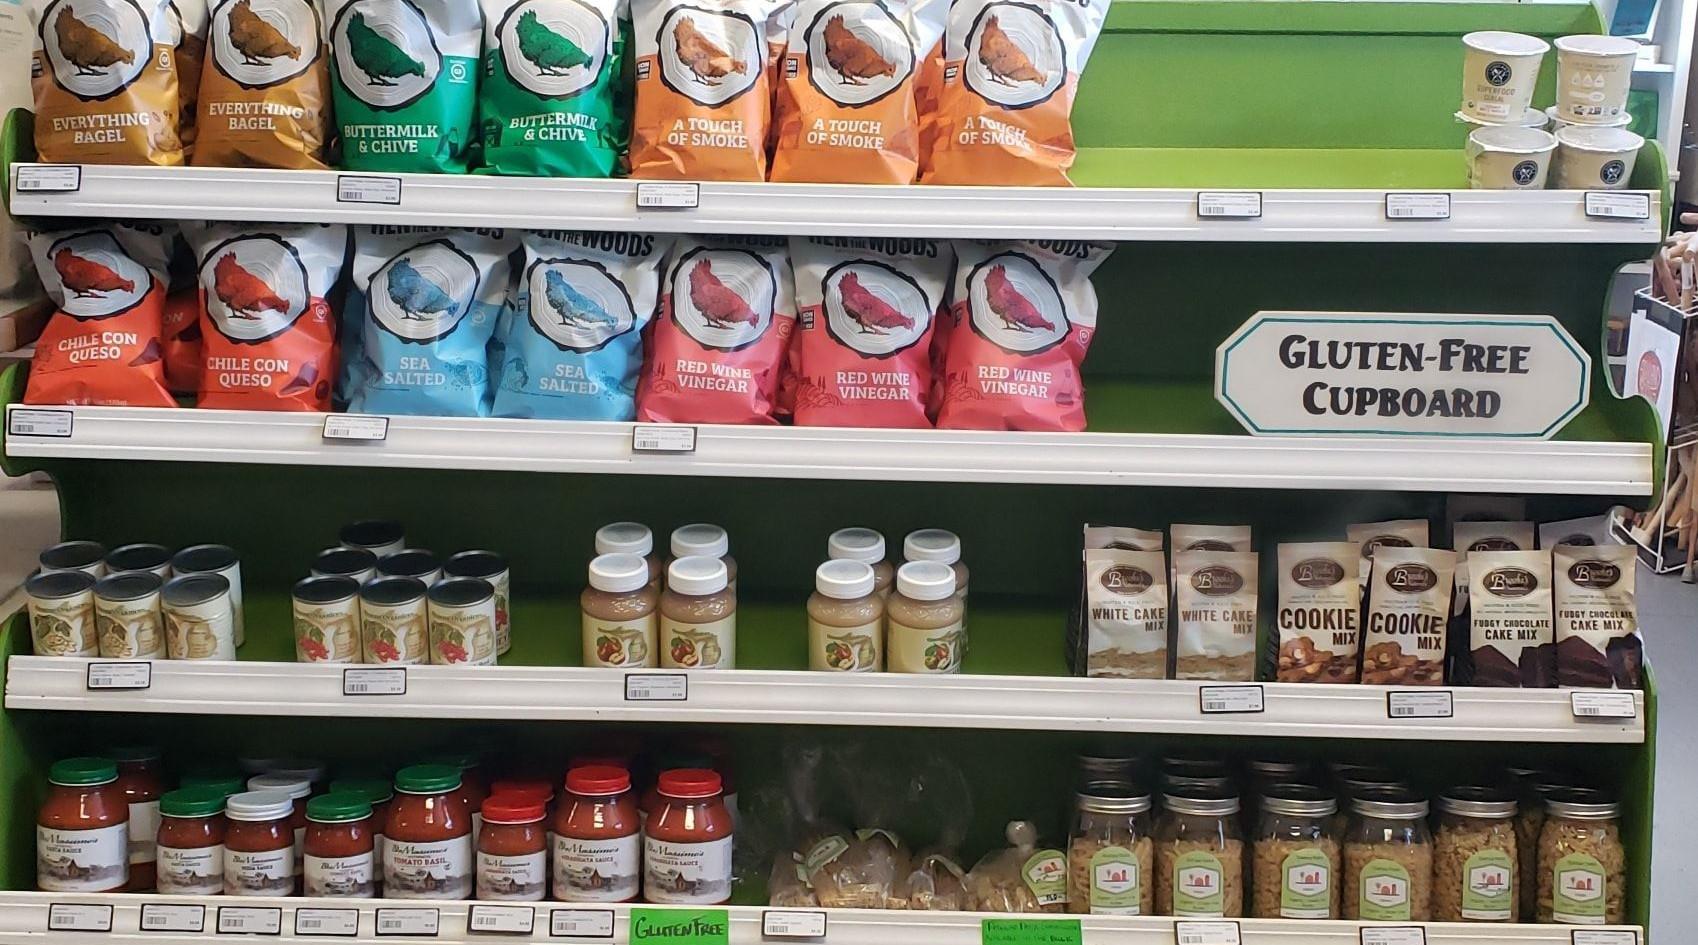 Gluten-Free Cupboard